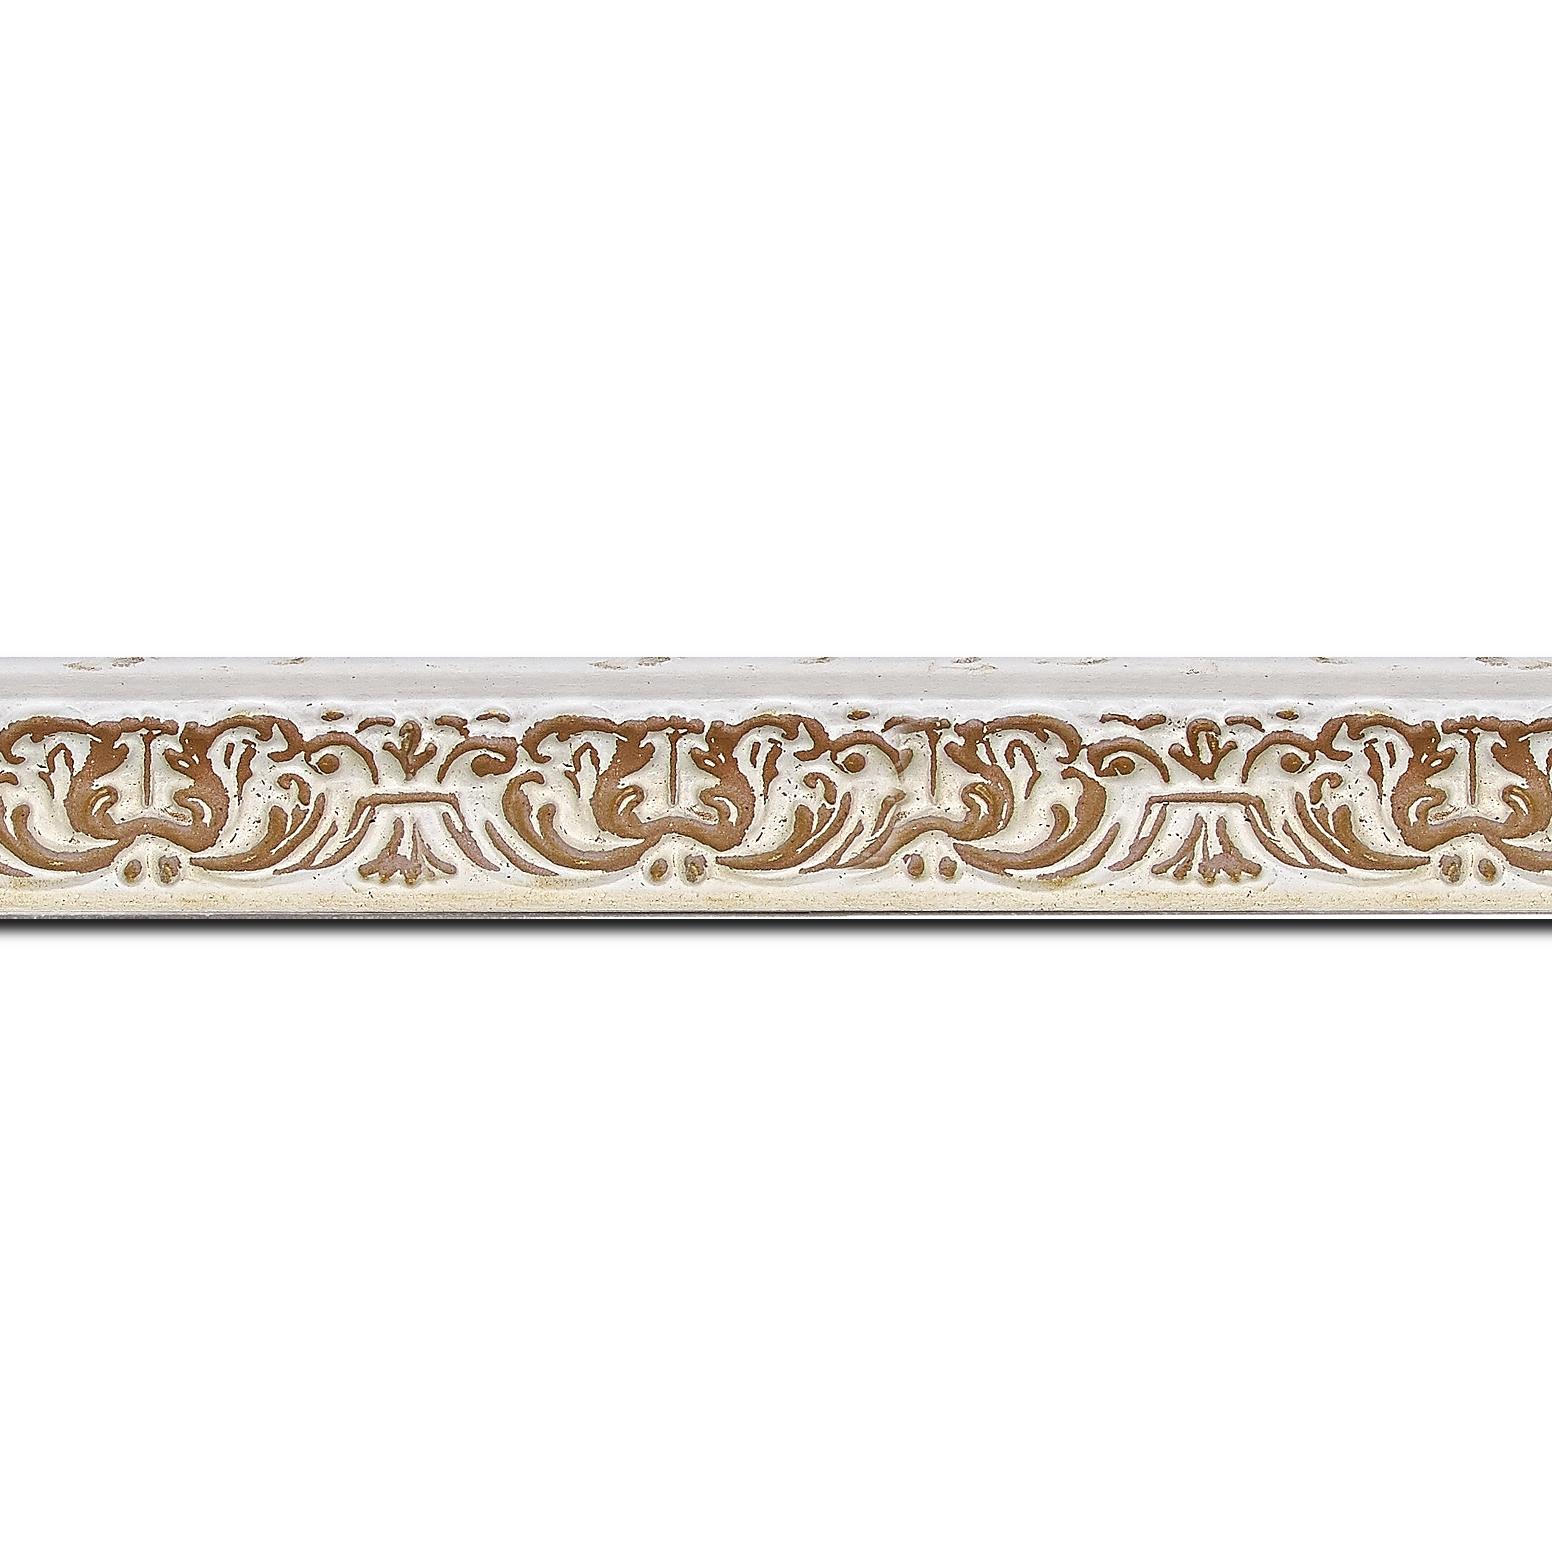 Pack par 12m, bois profil incurvé largeur 2.6cm couleur naturel en relief sur fond blanchie (longueur baguette pouvant varier entre 2.40m et 3m selon arrivage des bois)